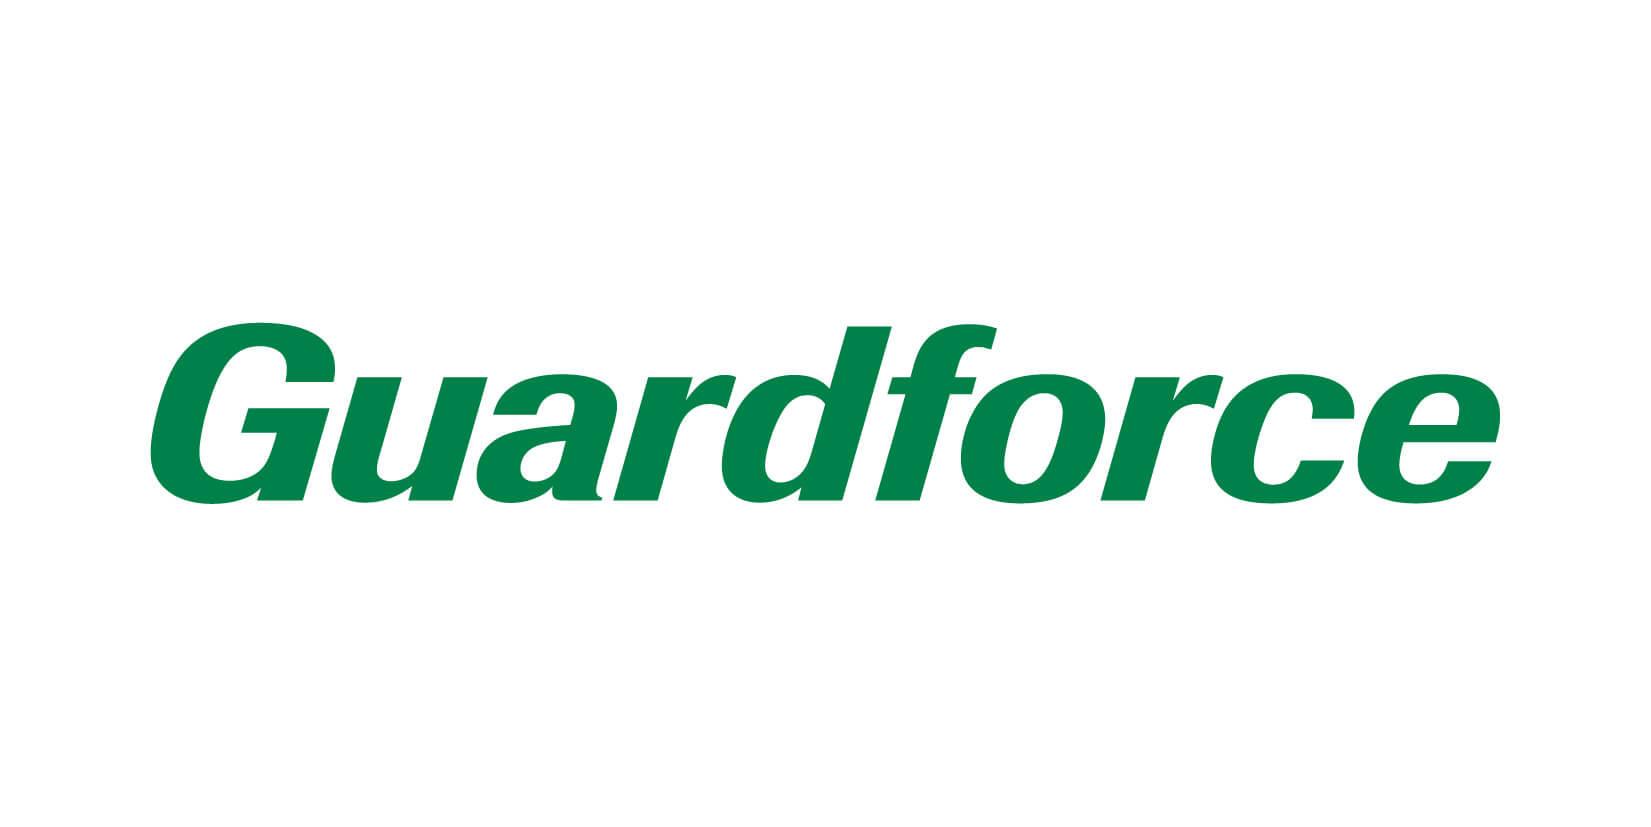 Guardforce macau jobscall.me recruitment ad 澳門招聘-01.jpg